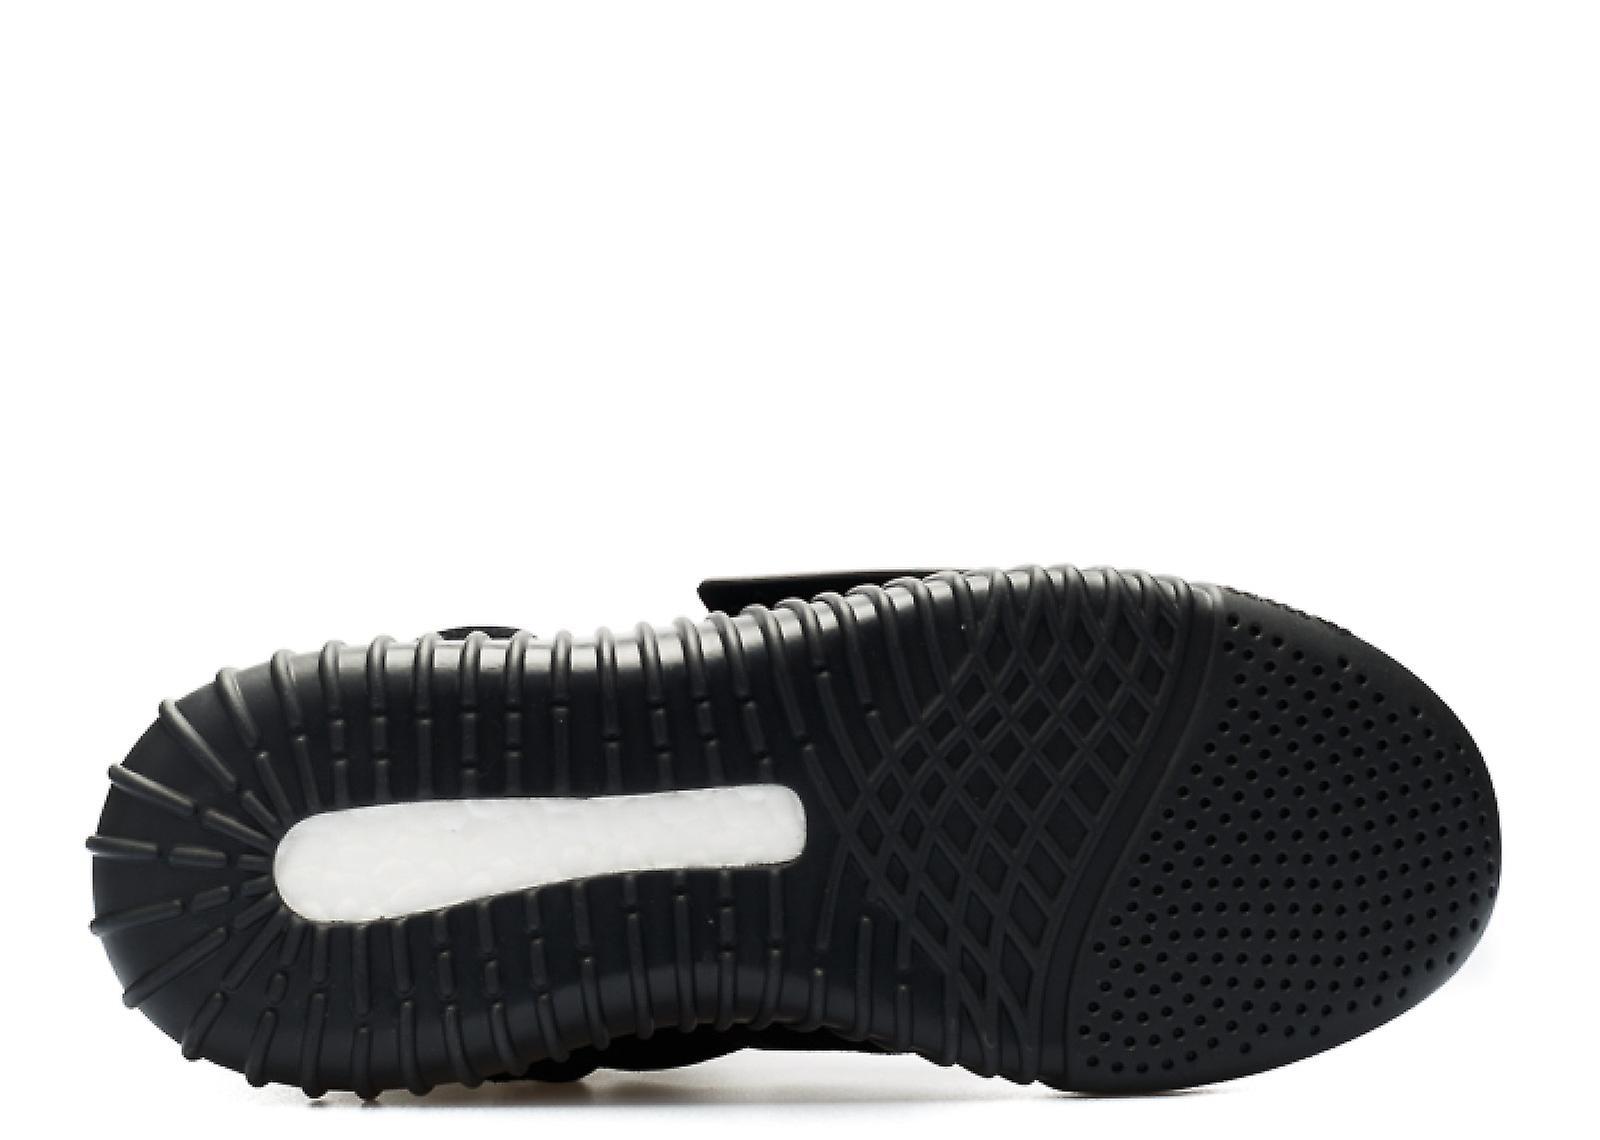 newest e5bfc f6dee ... Yeezy Poussée Poussée Poussée 750 - Bb1839 - chaussures f30568